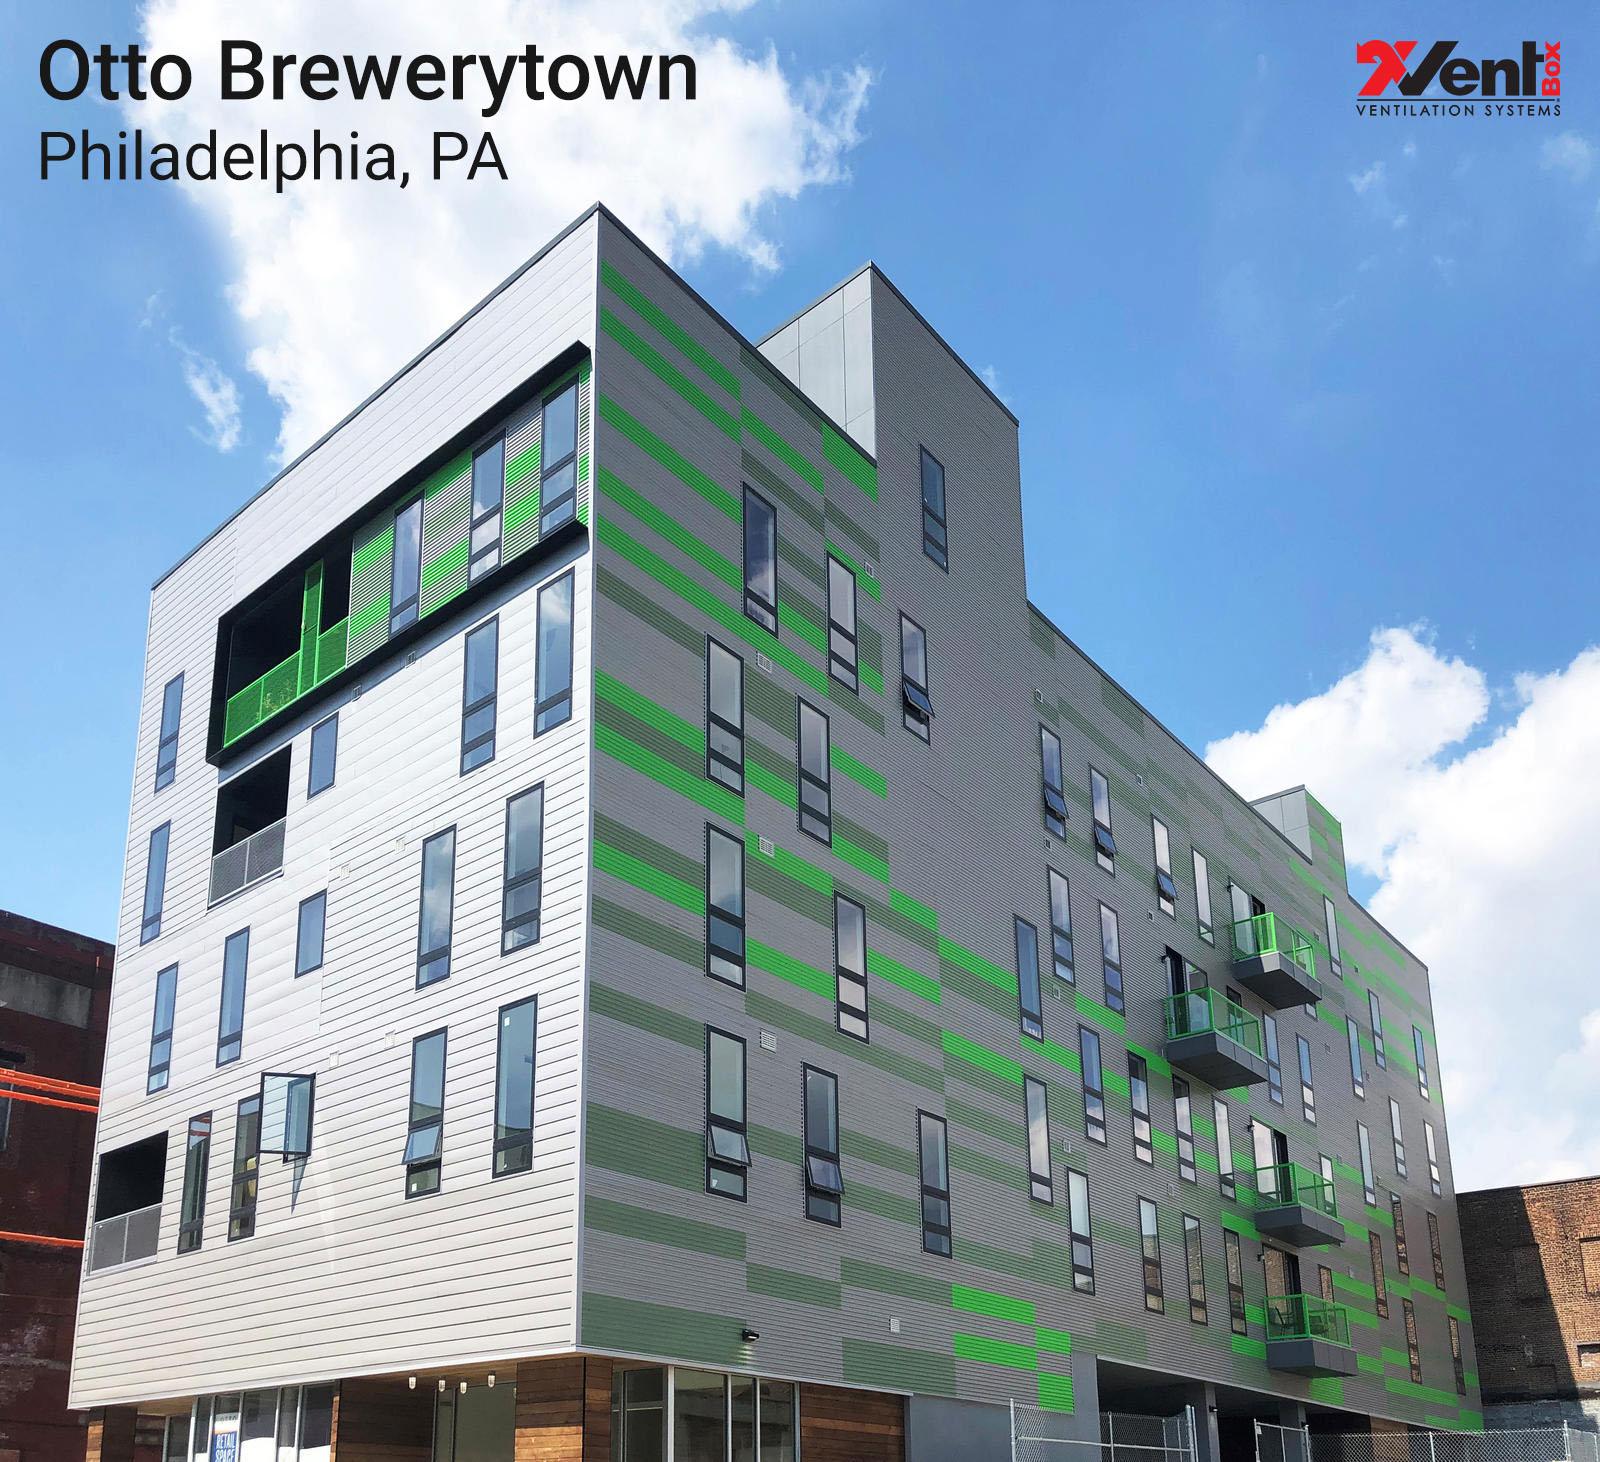 Otto Brewerytown